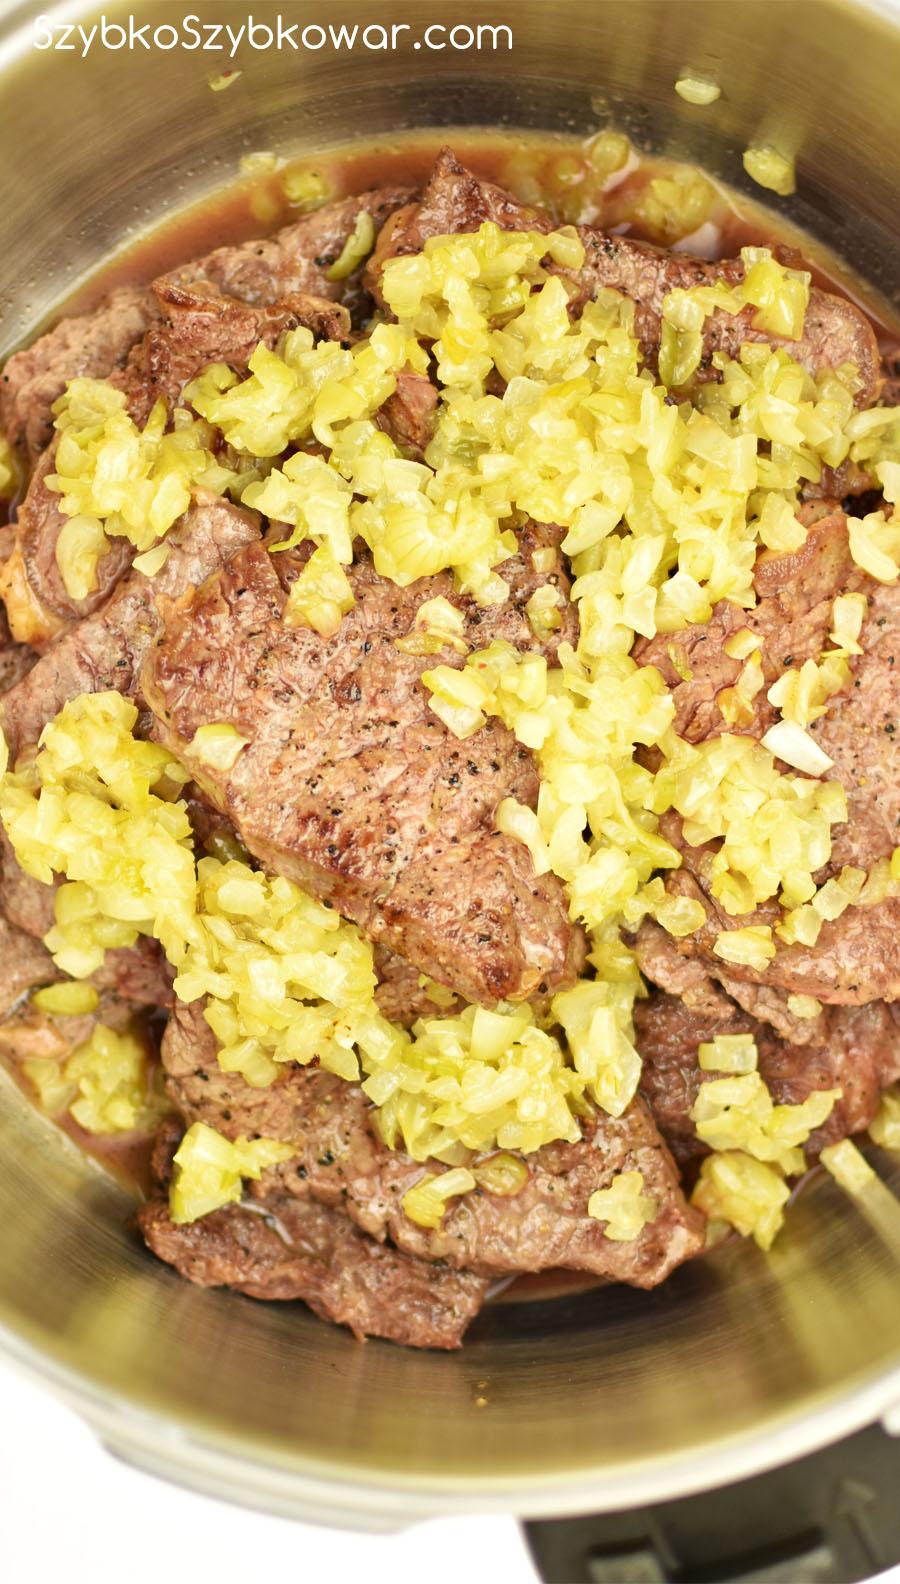 Podsmażona wołowina z podsmażoną cebulką z szybkowarze.